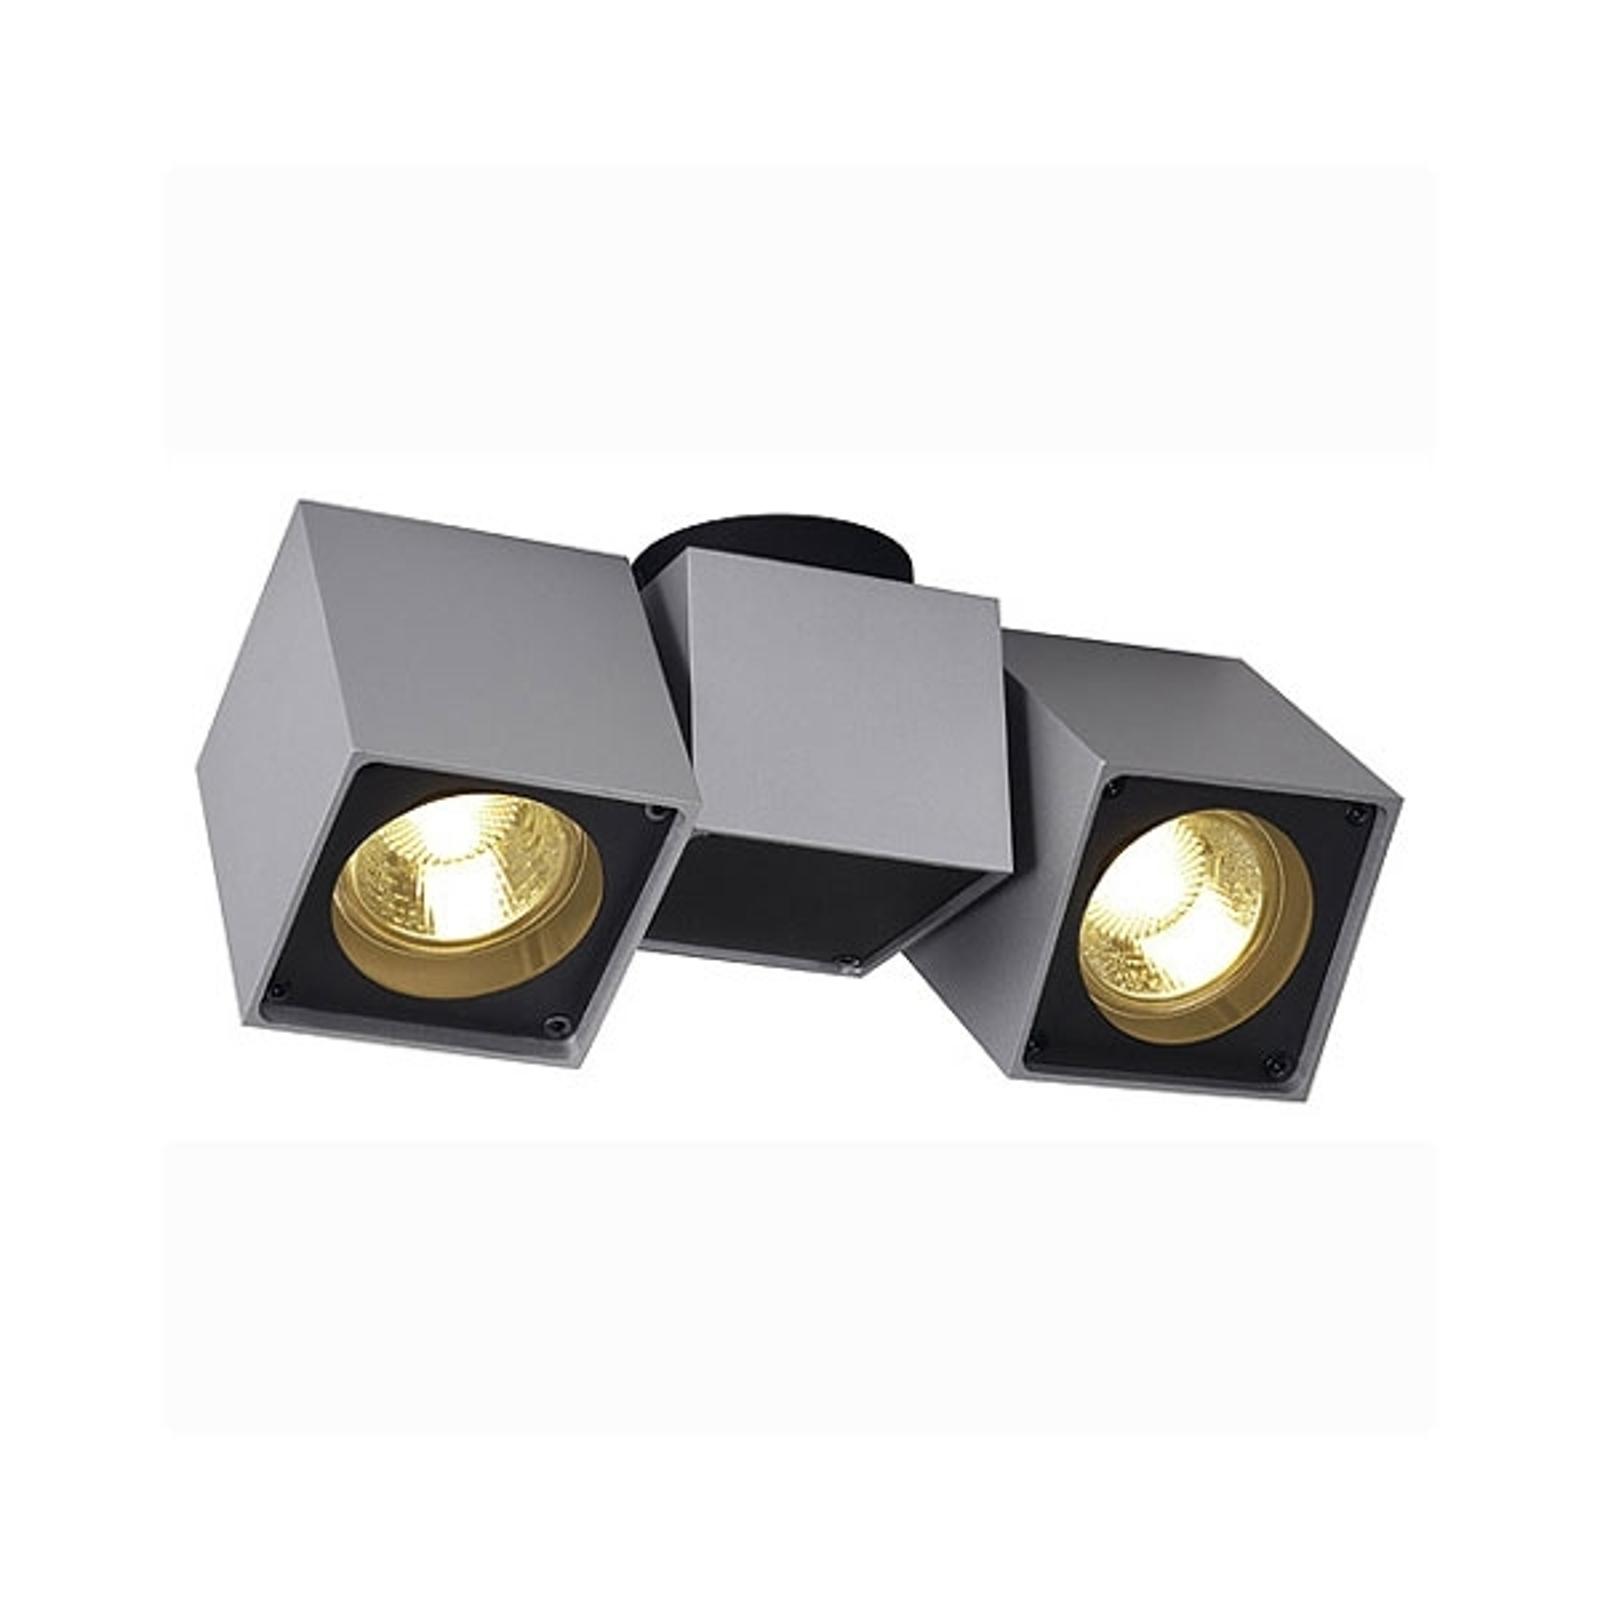 ALTRA DICE II - designplafondlamp